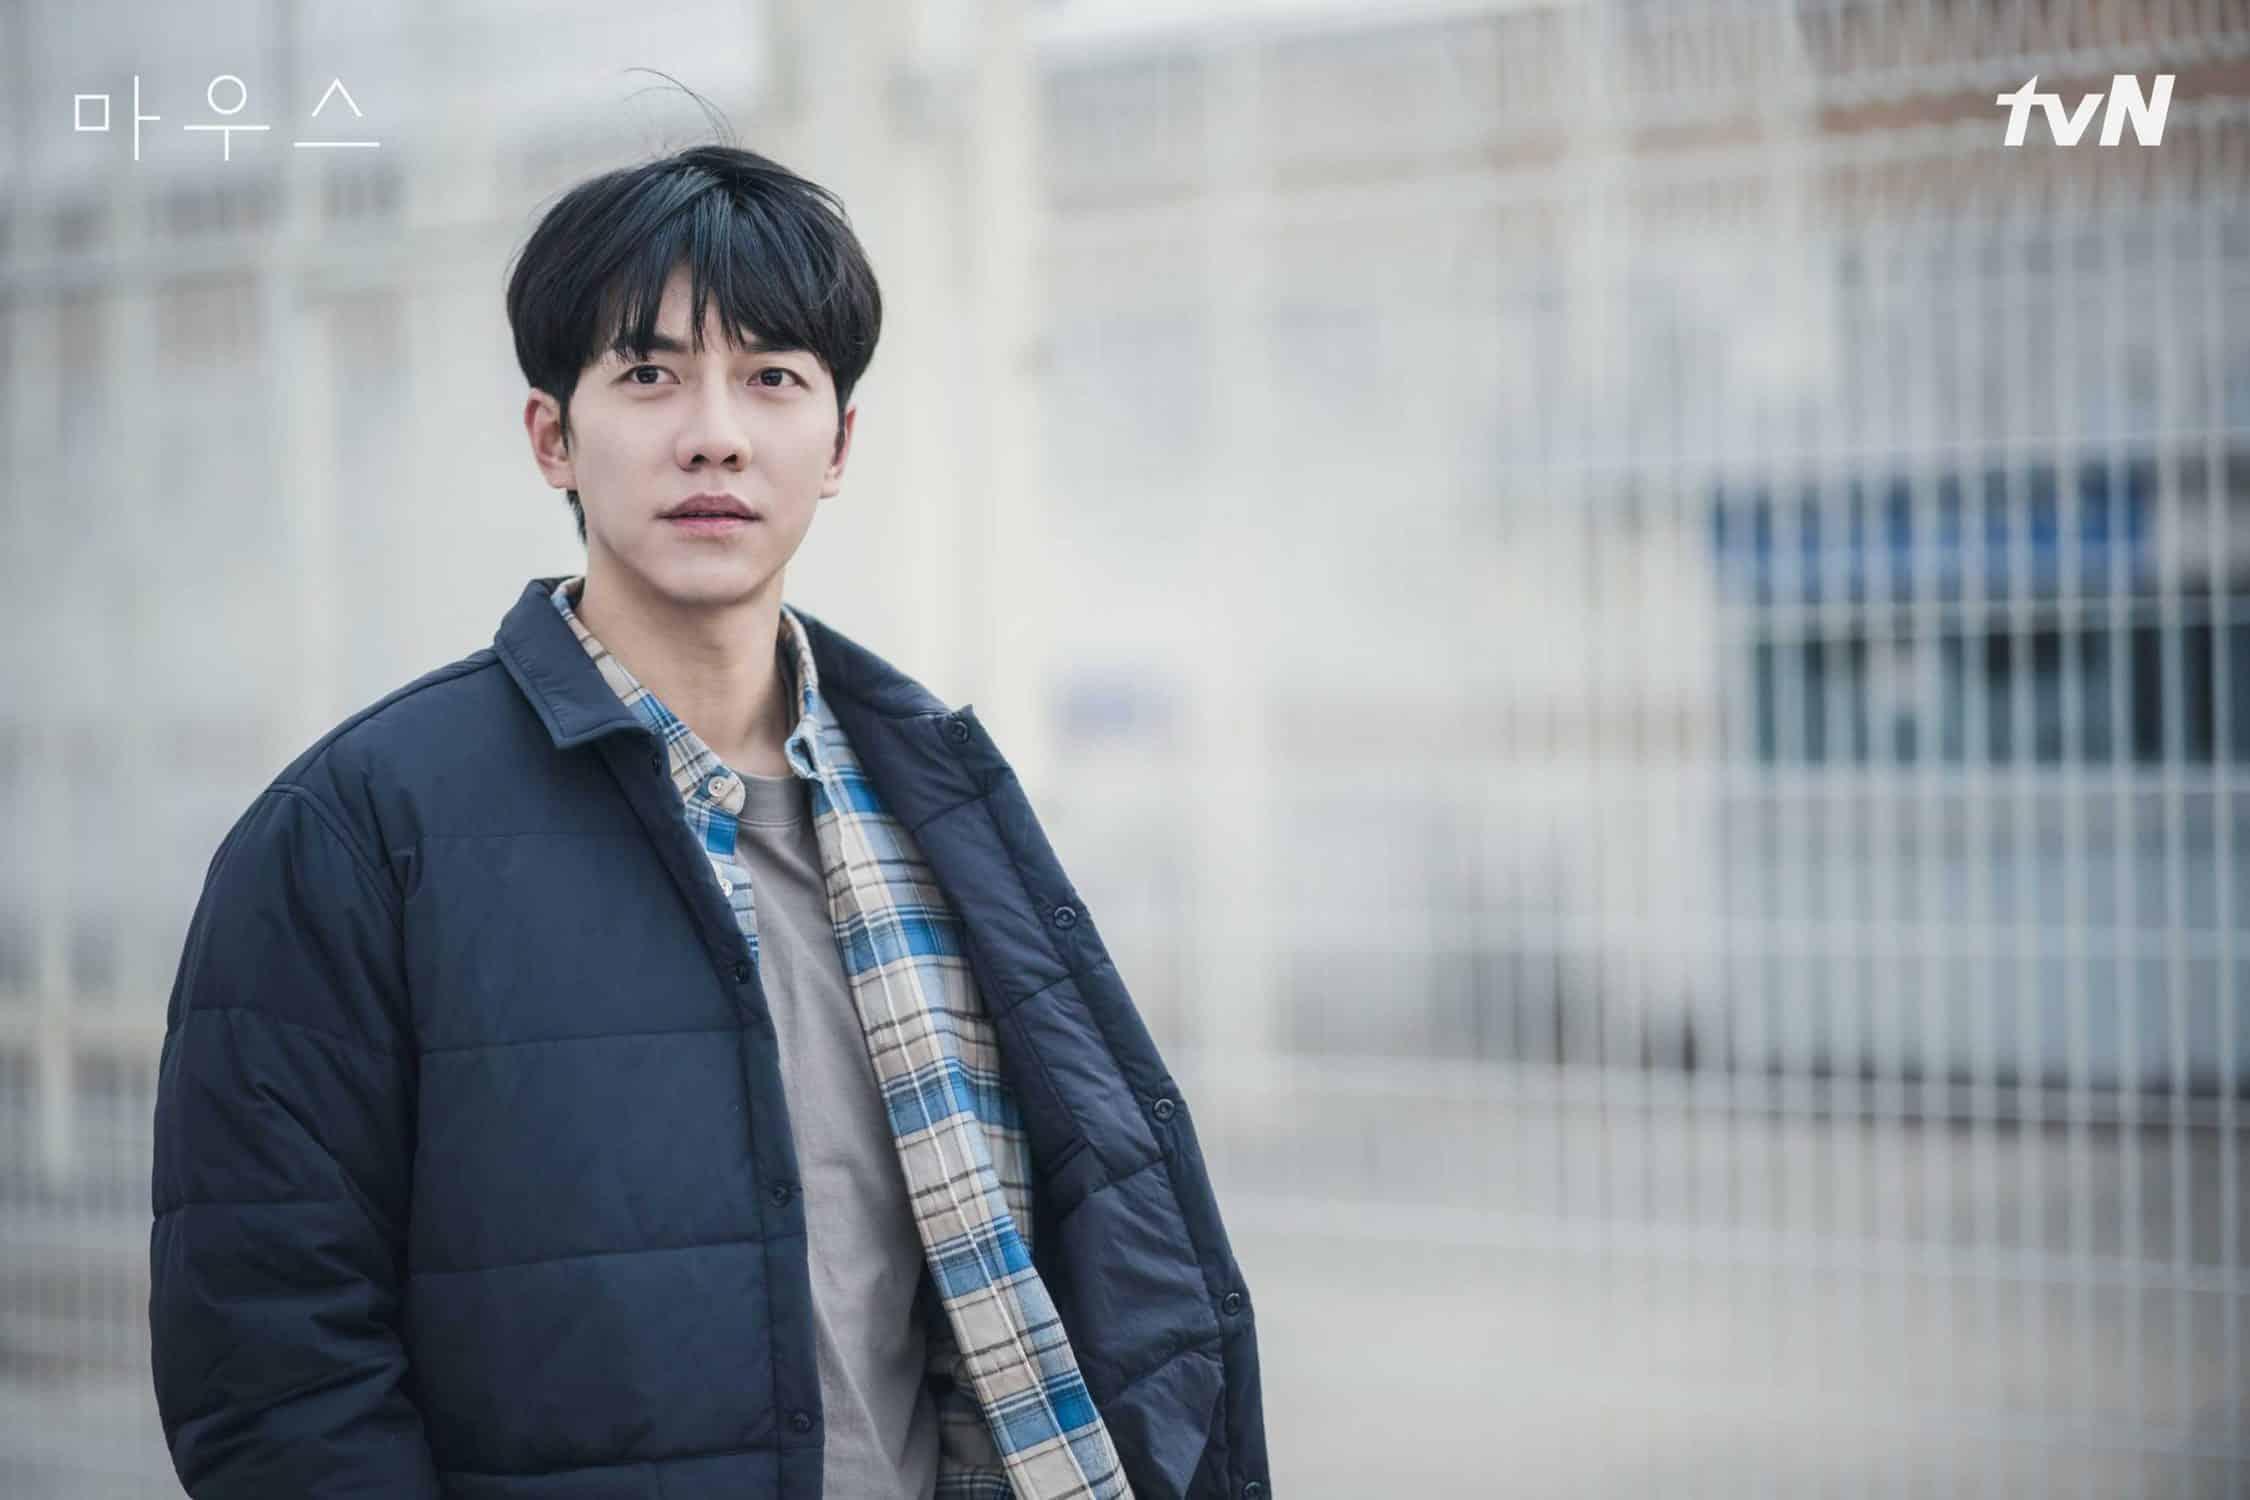 초반 순수한 순경으로 표현되던 '이승기' / TVN 마우스 제공